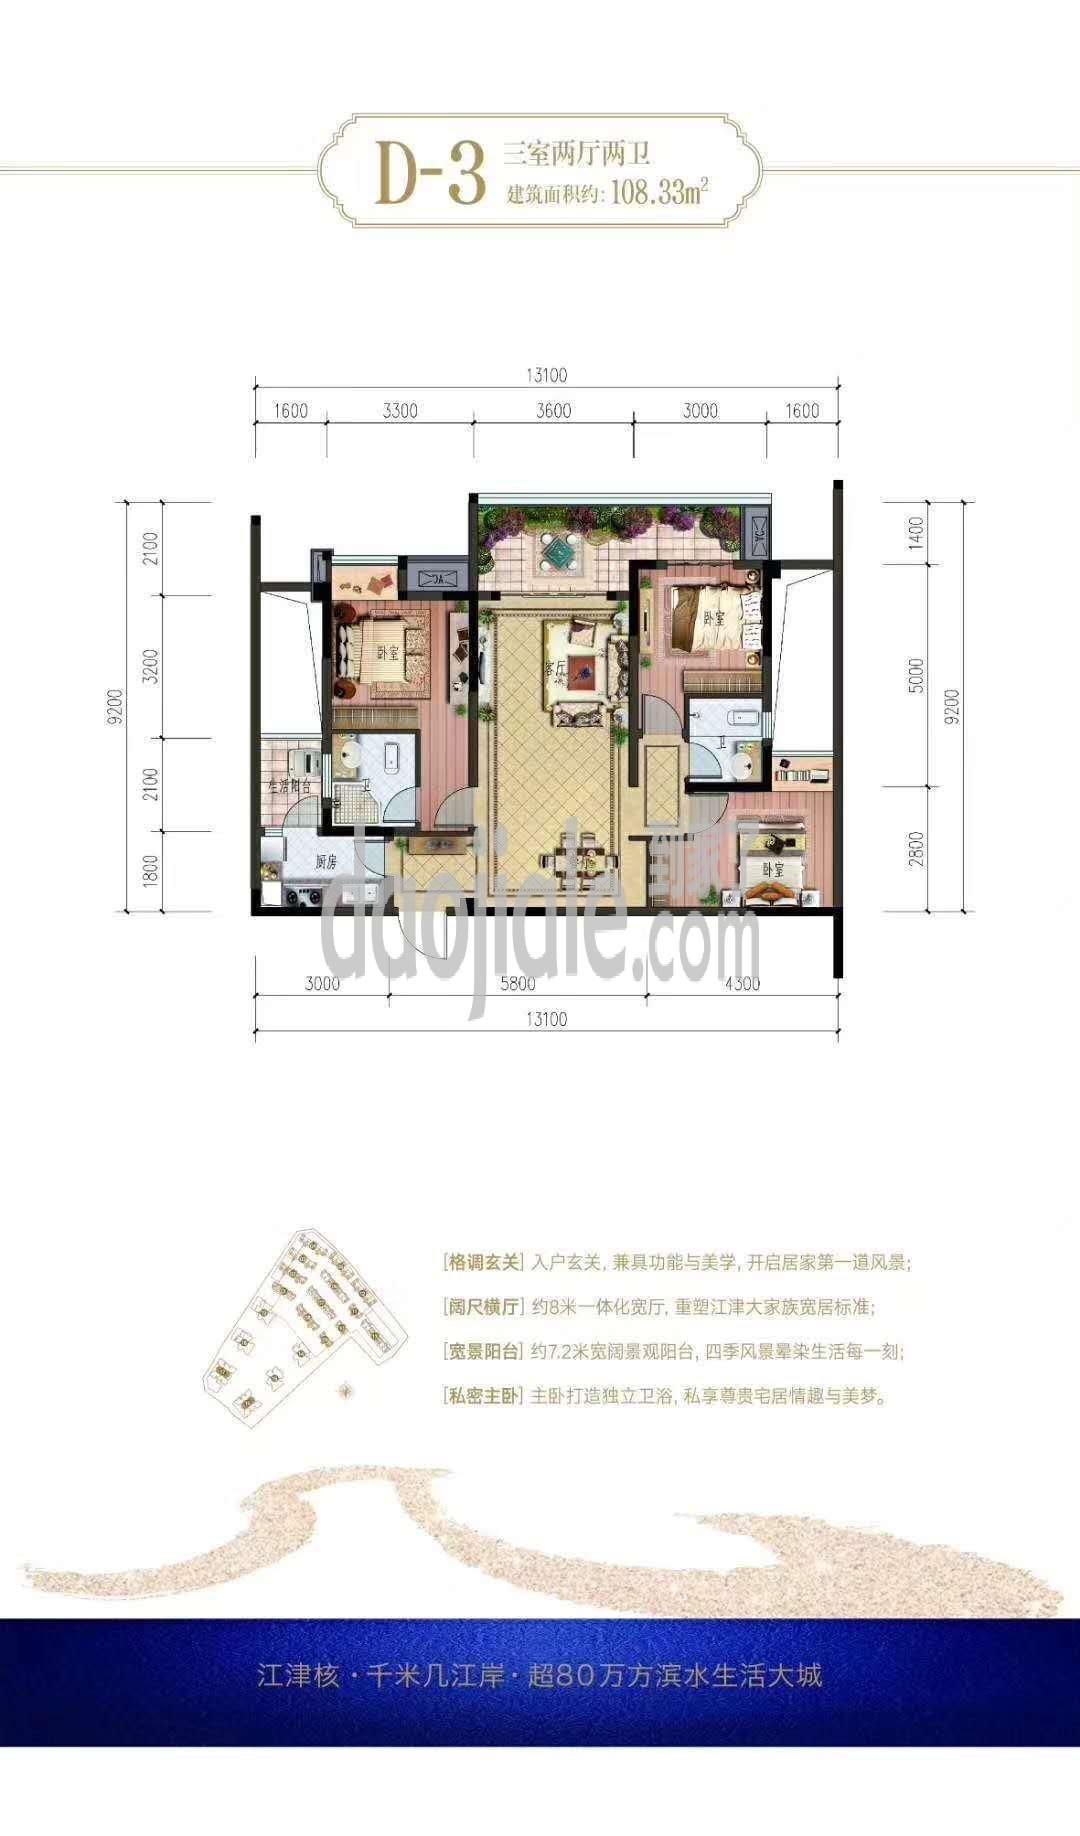 江津区主城片区中昂新天地新房D-3户型户型图